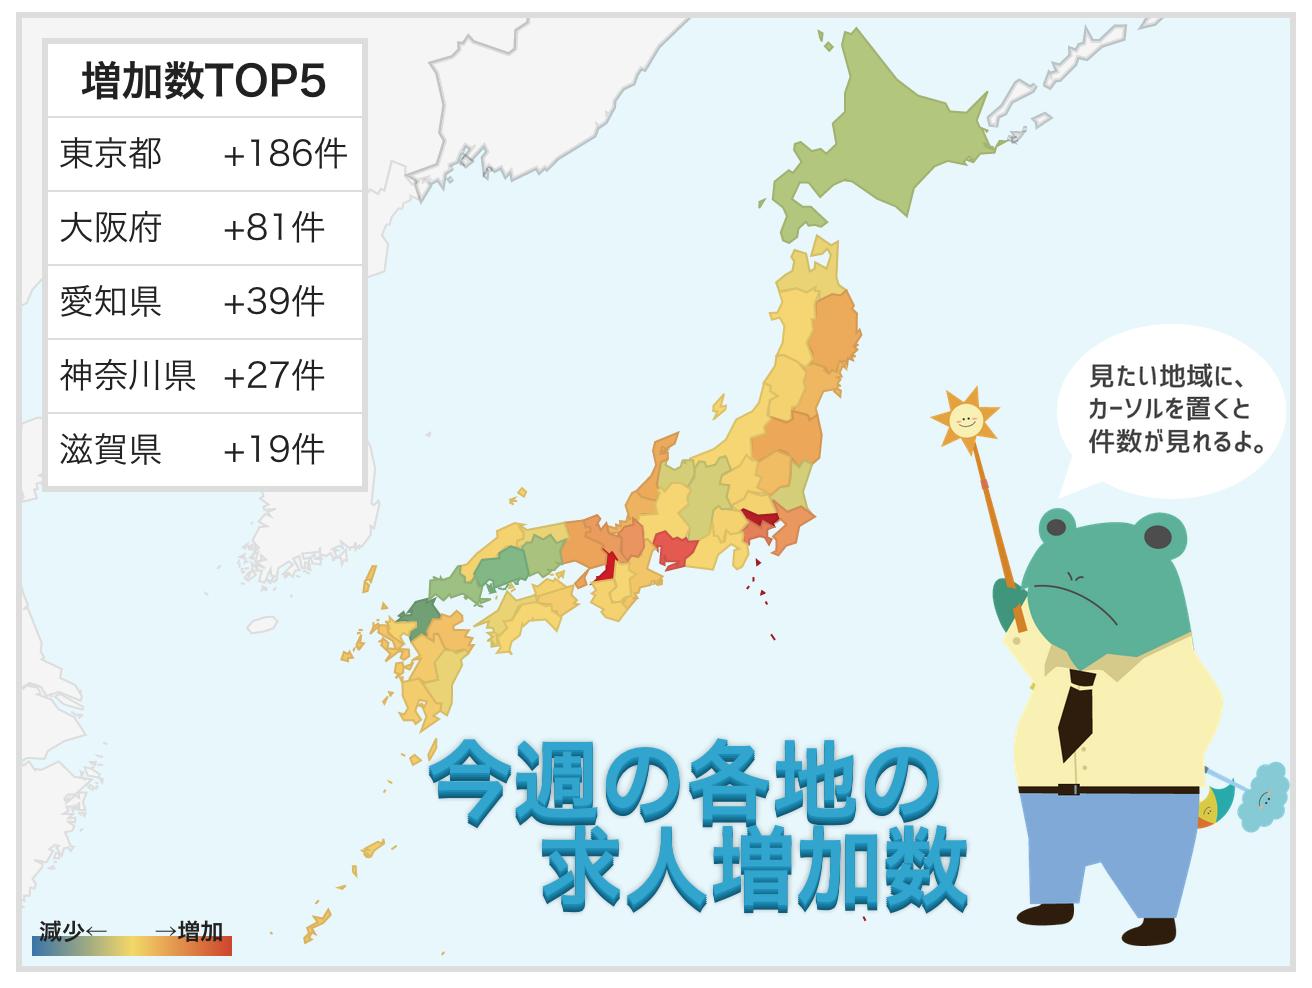 【都道府県別】7月4週の求人掲載件数速報